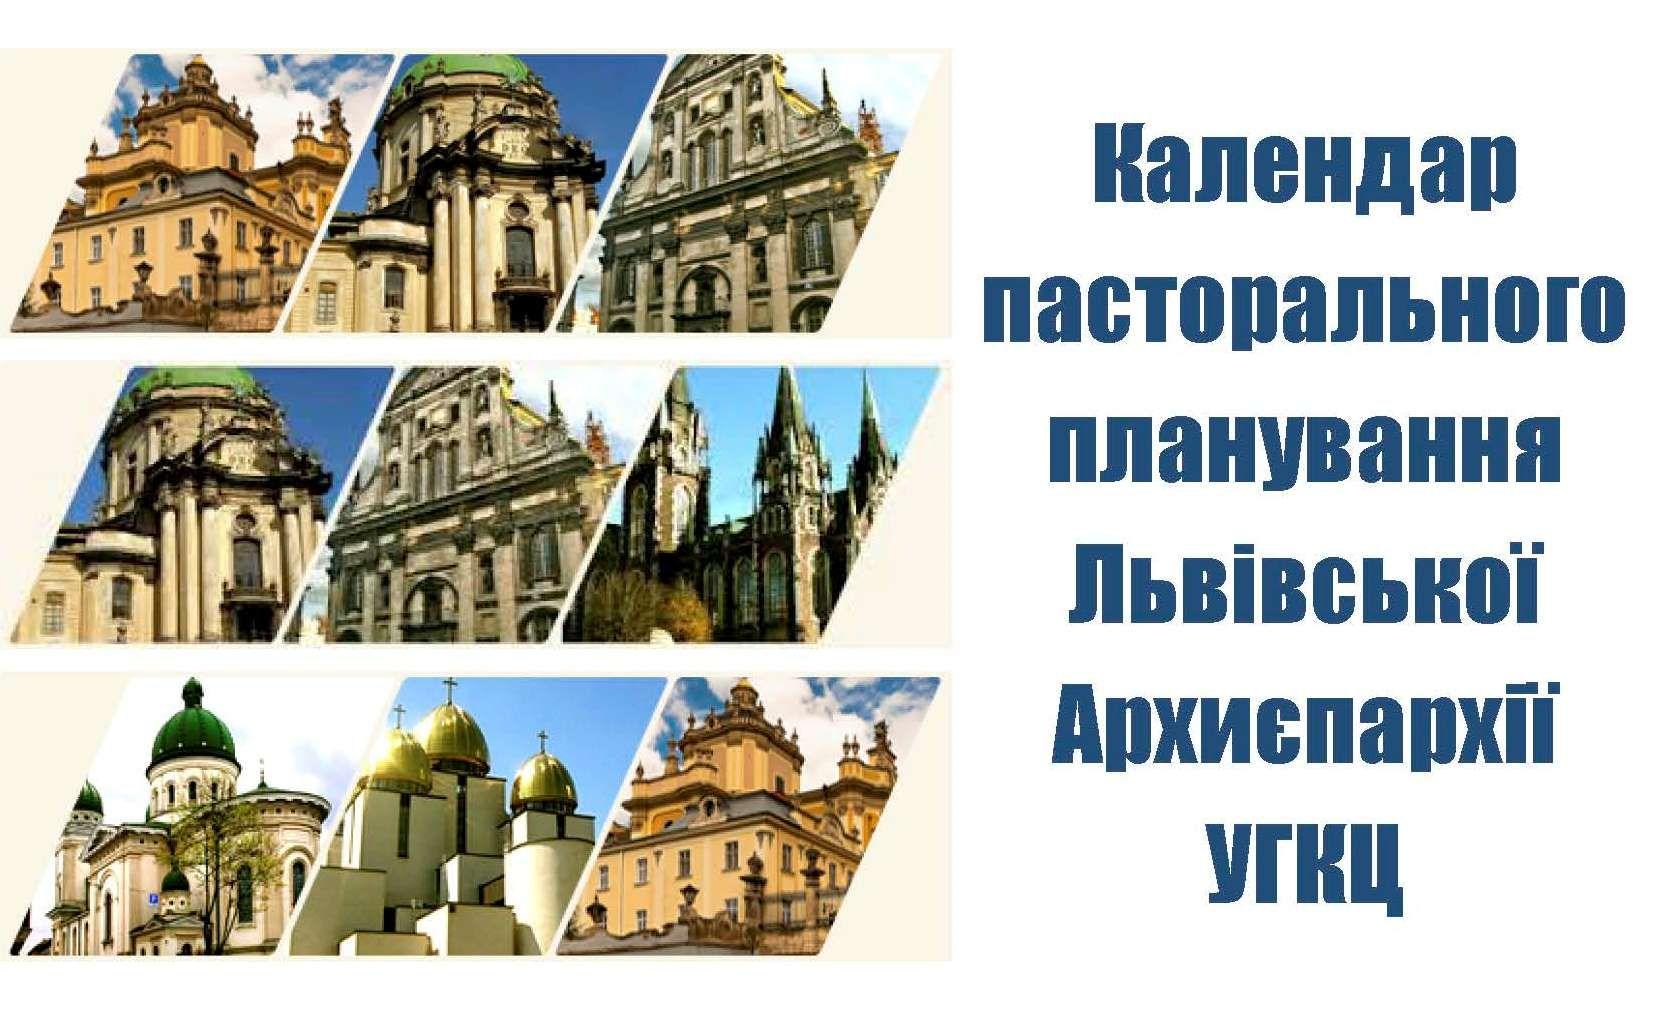 Календар пасторального планування Львівської Архиєпархії УГКЦ